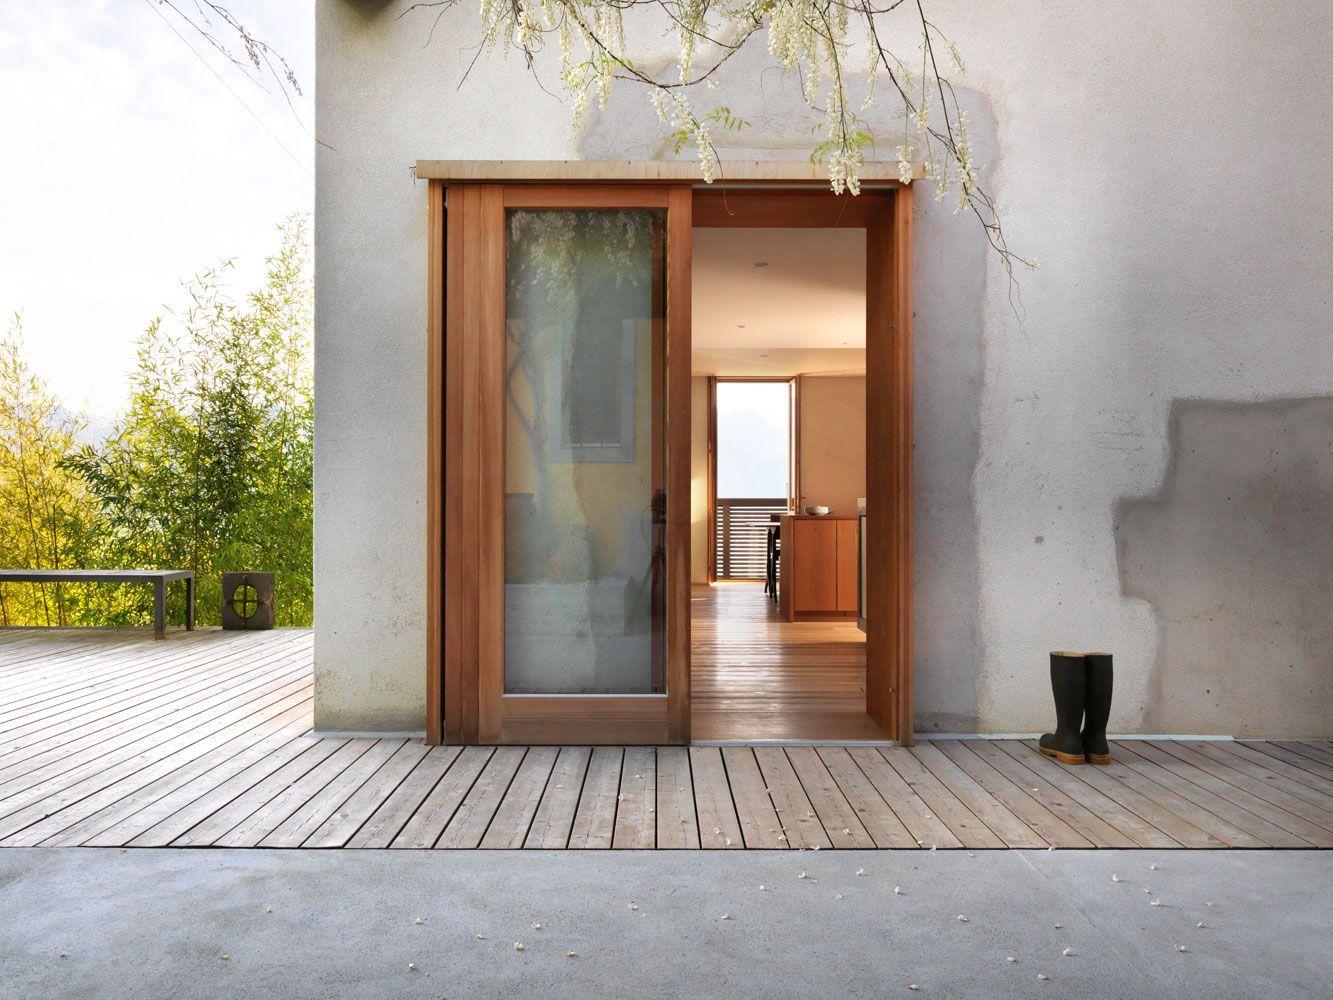 Ouverture Ralph Germann Architecten Architektur Wohnen Holzterrasse